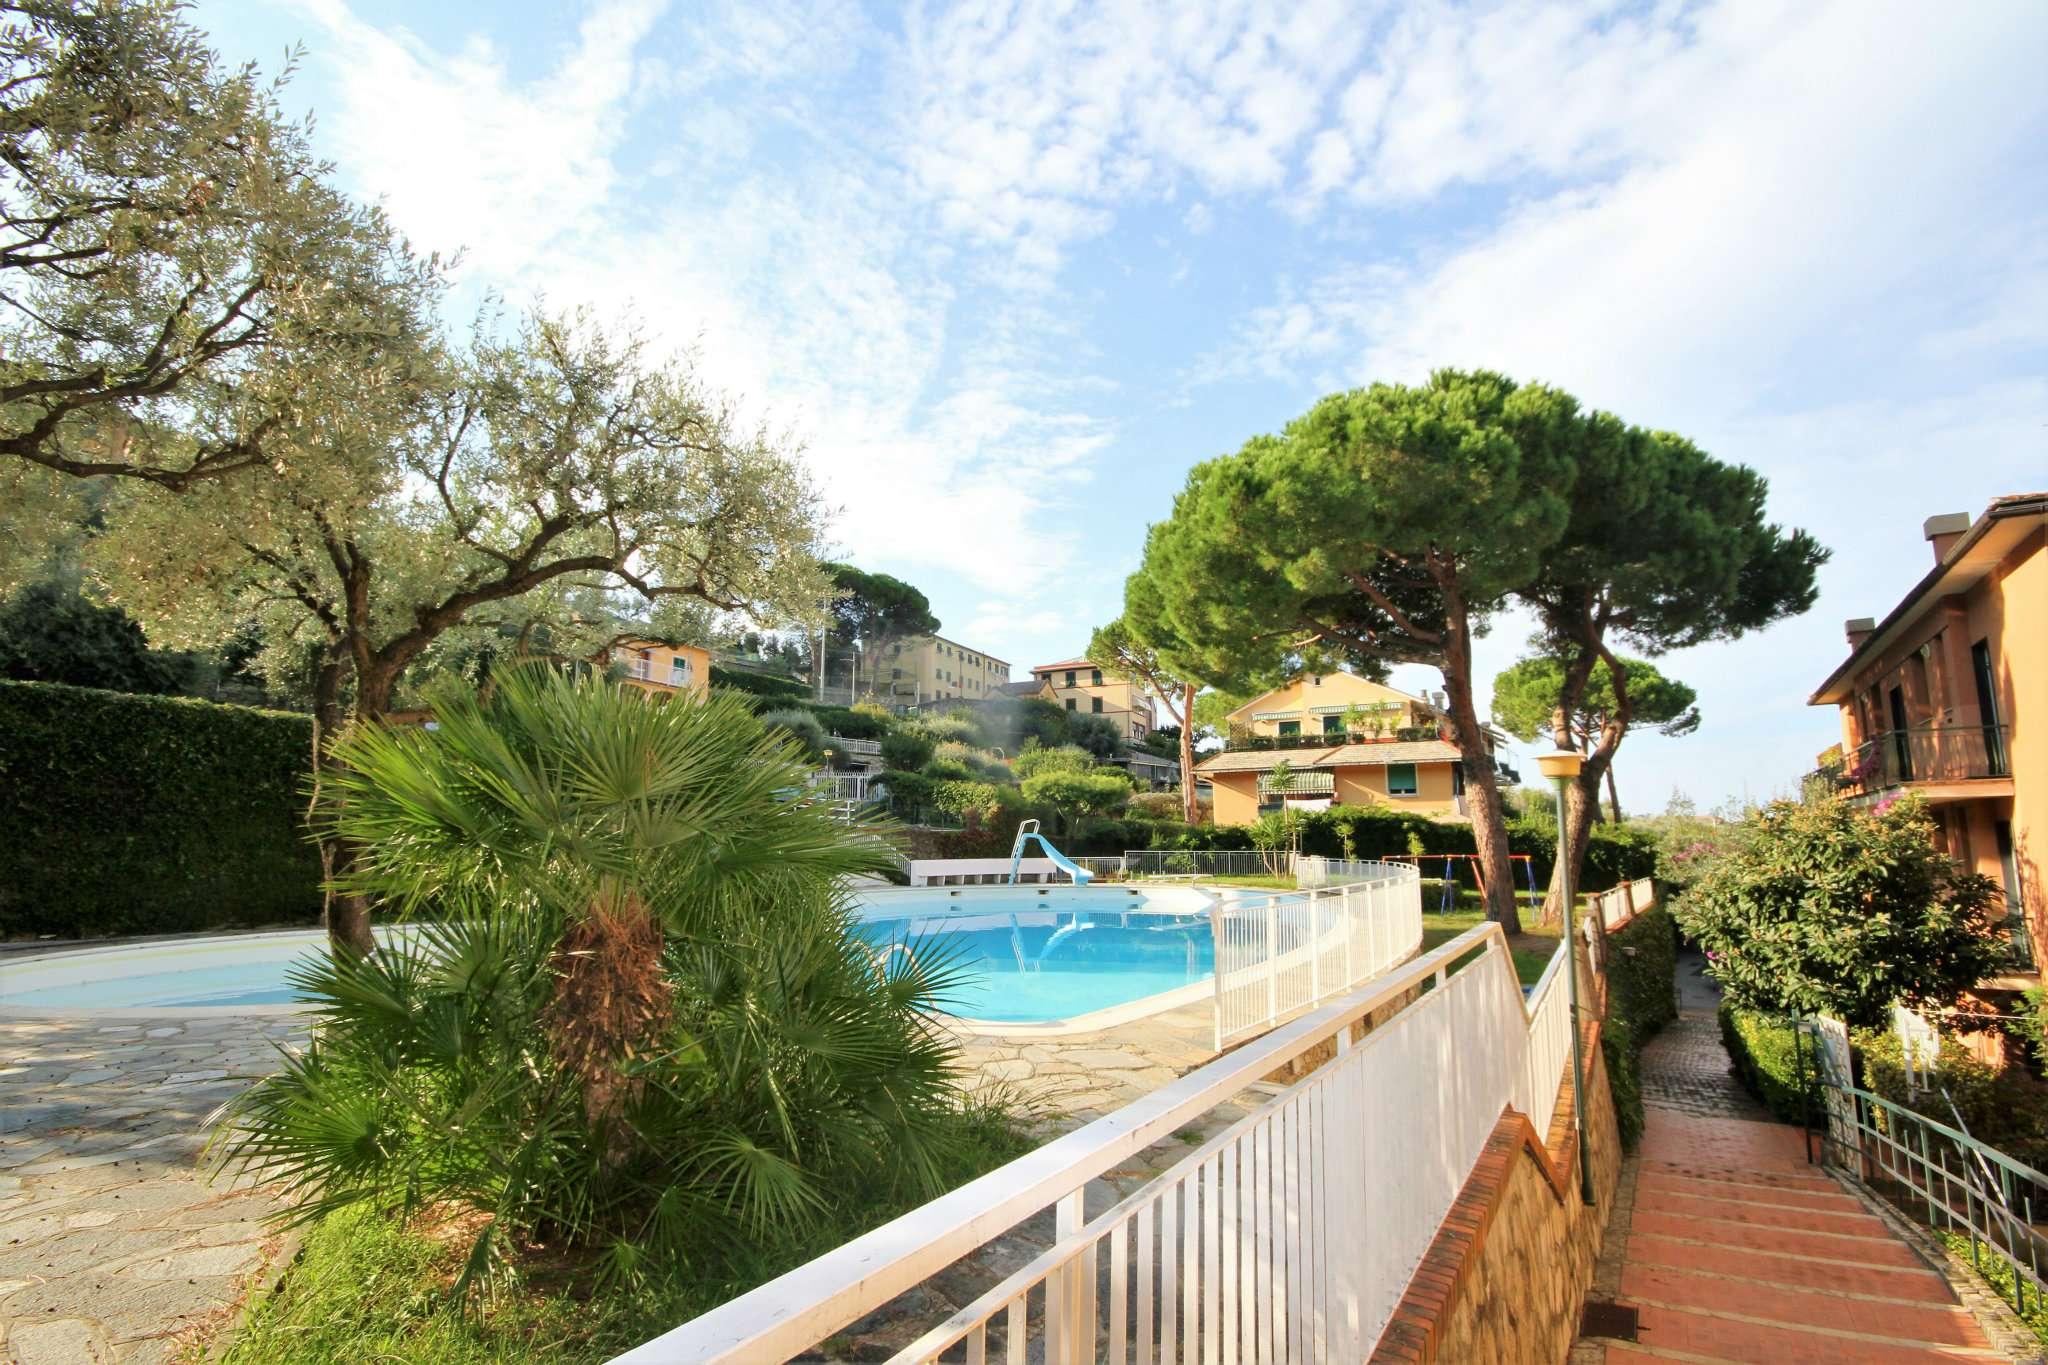 Appartamento in vendita a Camogli, 2 locali, prezzo € 198.000   PortaleAgenzieImmobiliari.it